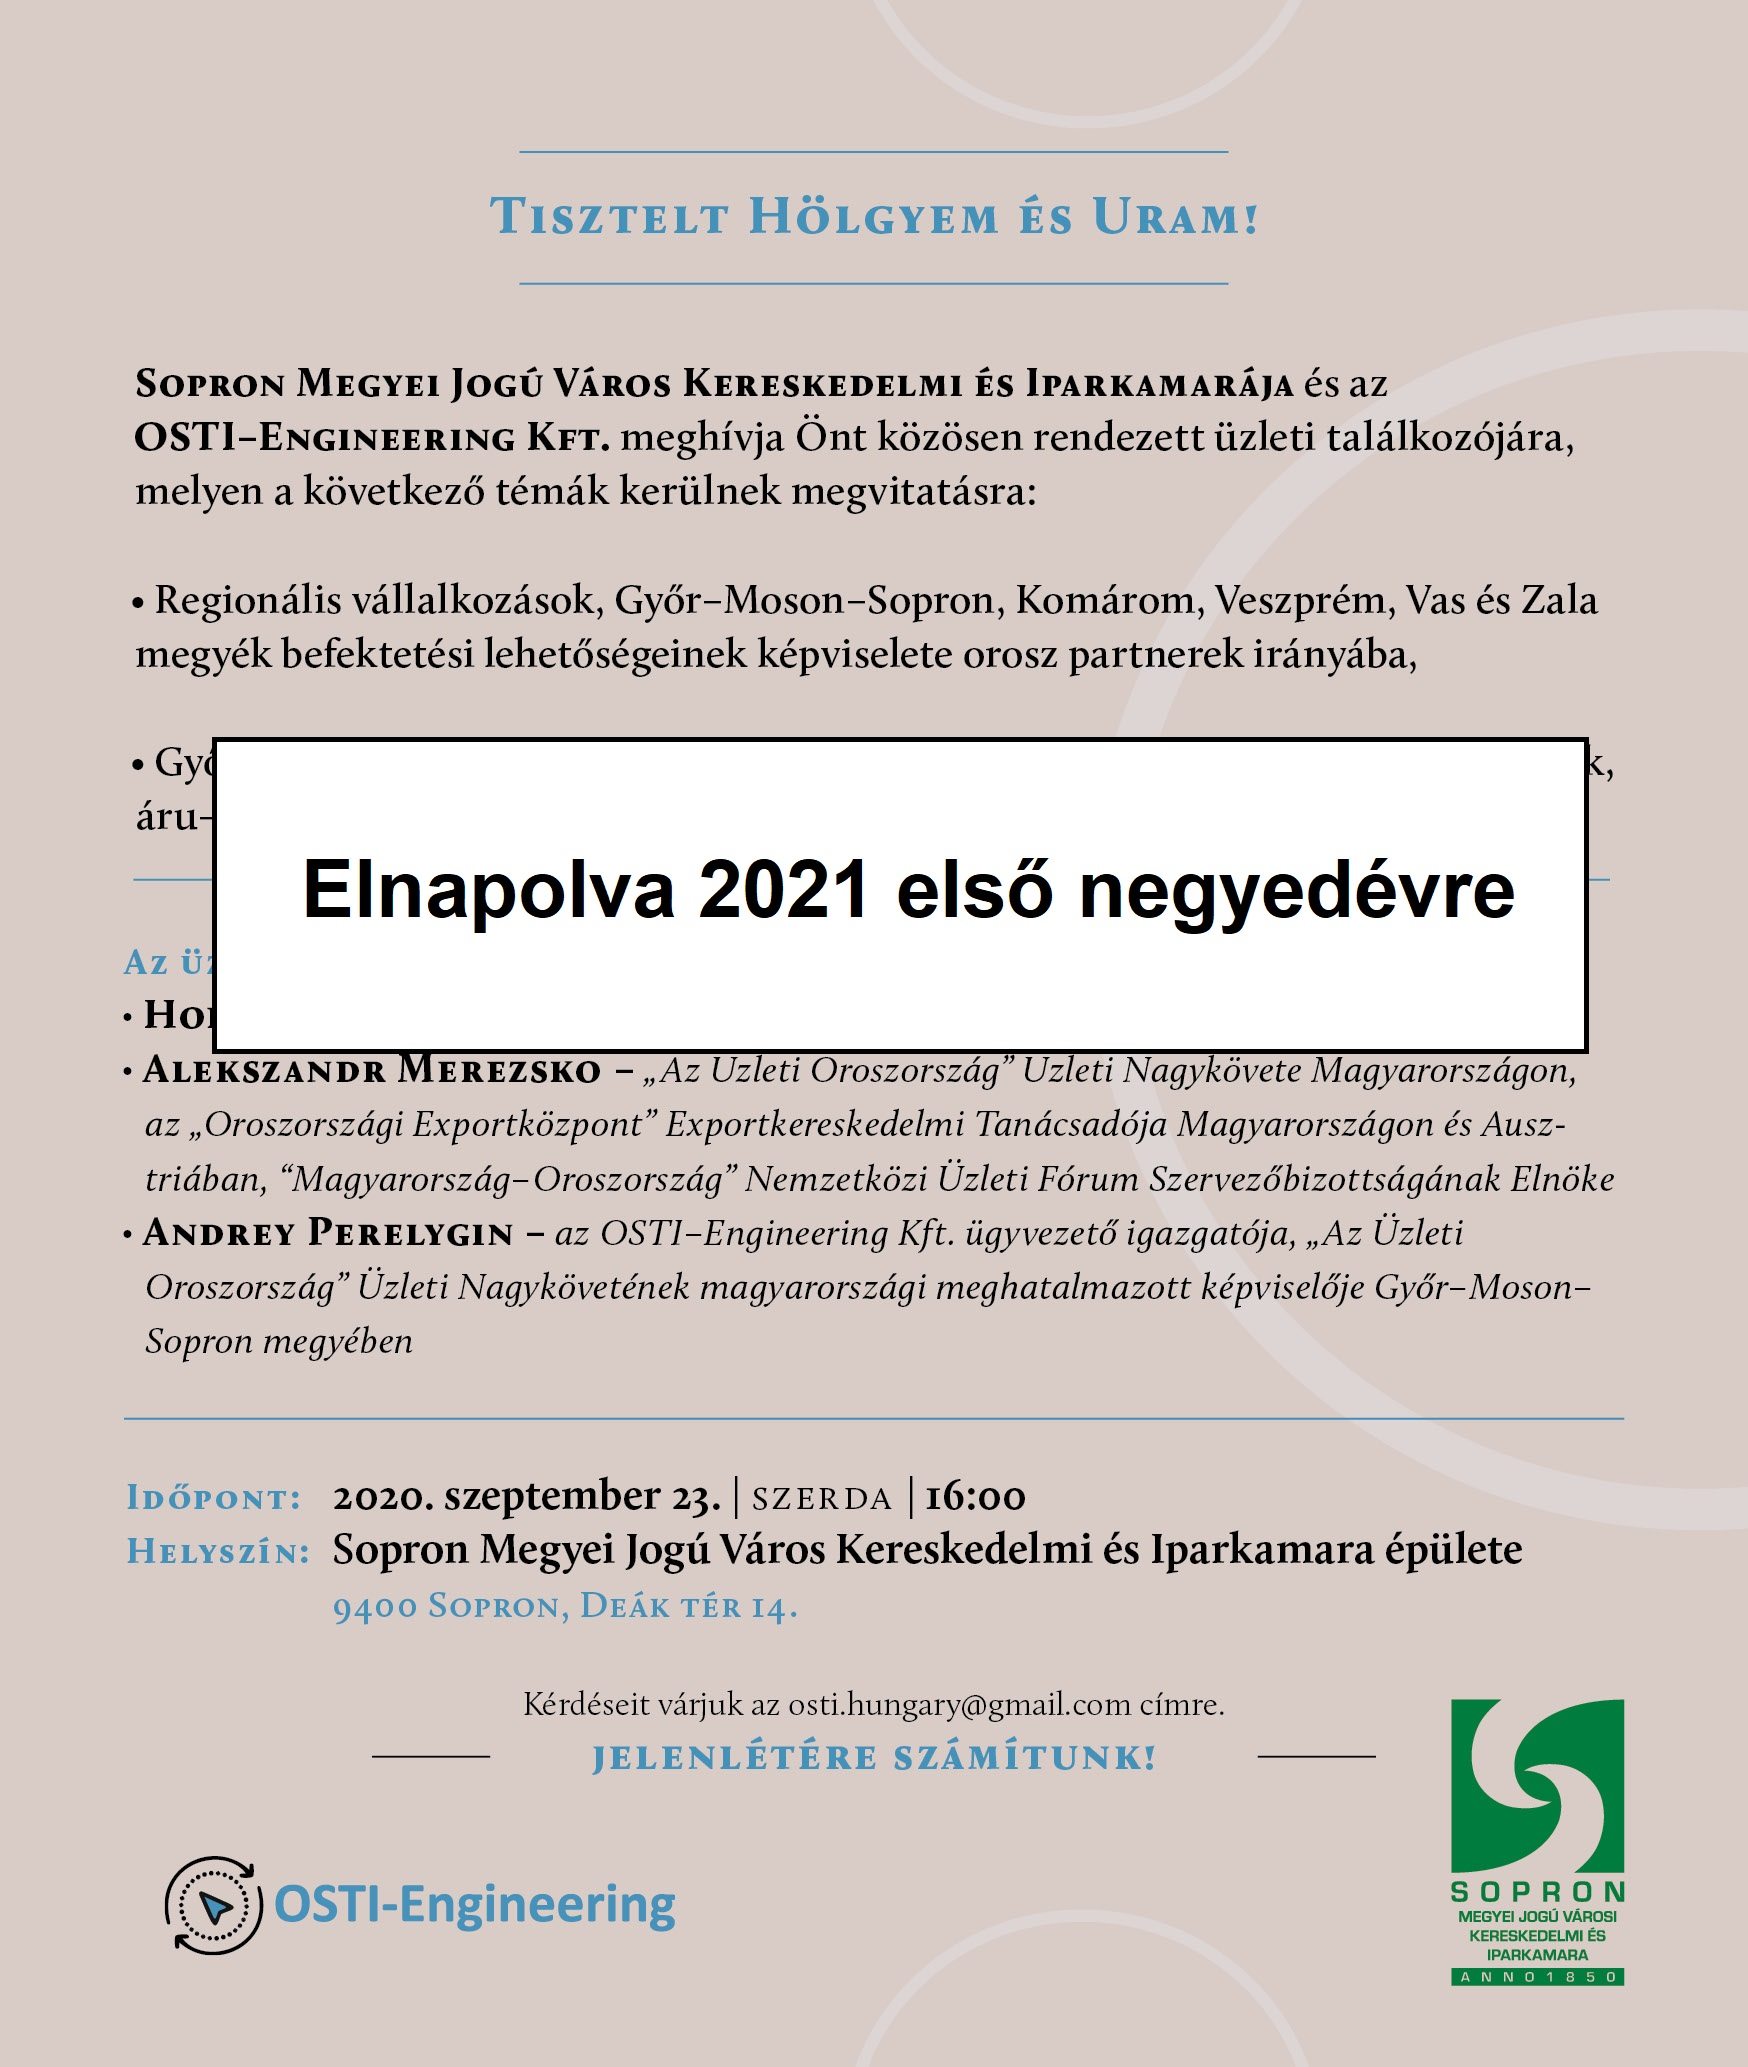 kereskedelmi hírek kezelése)